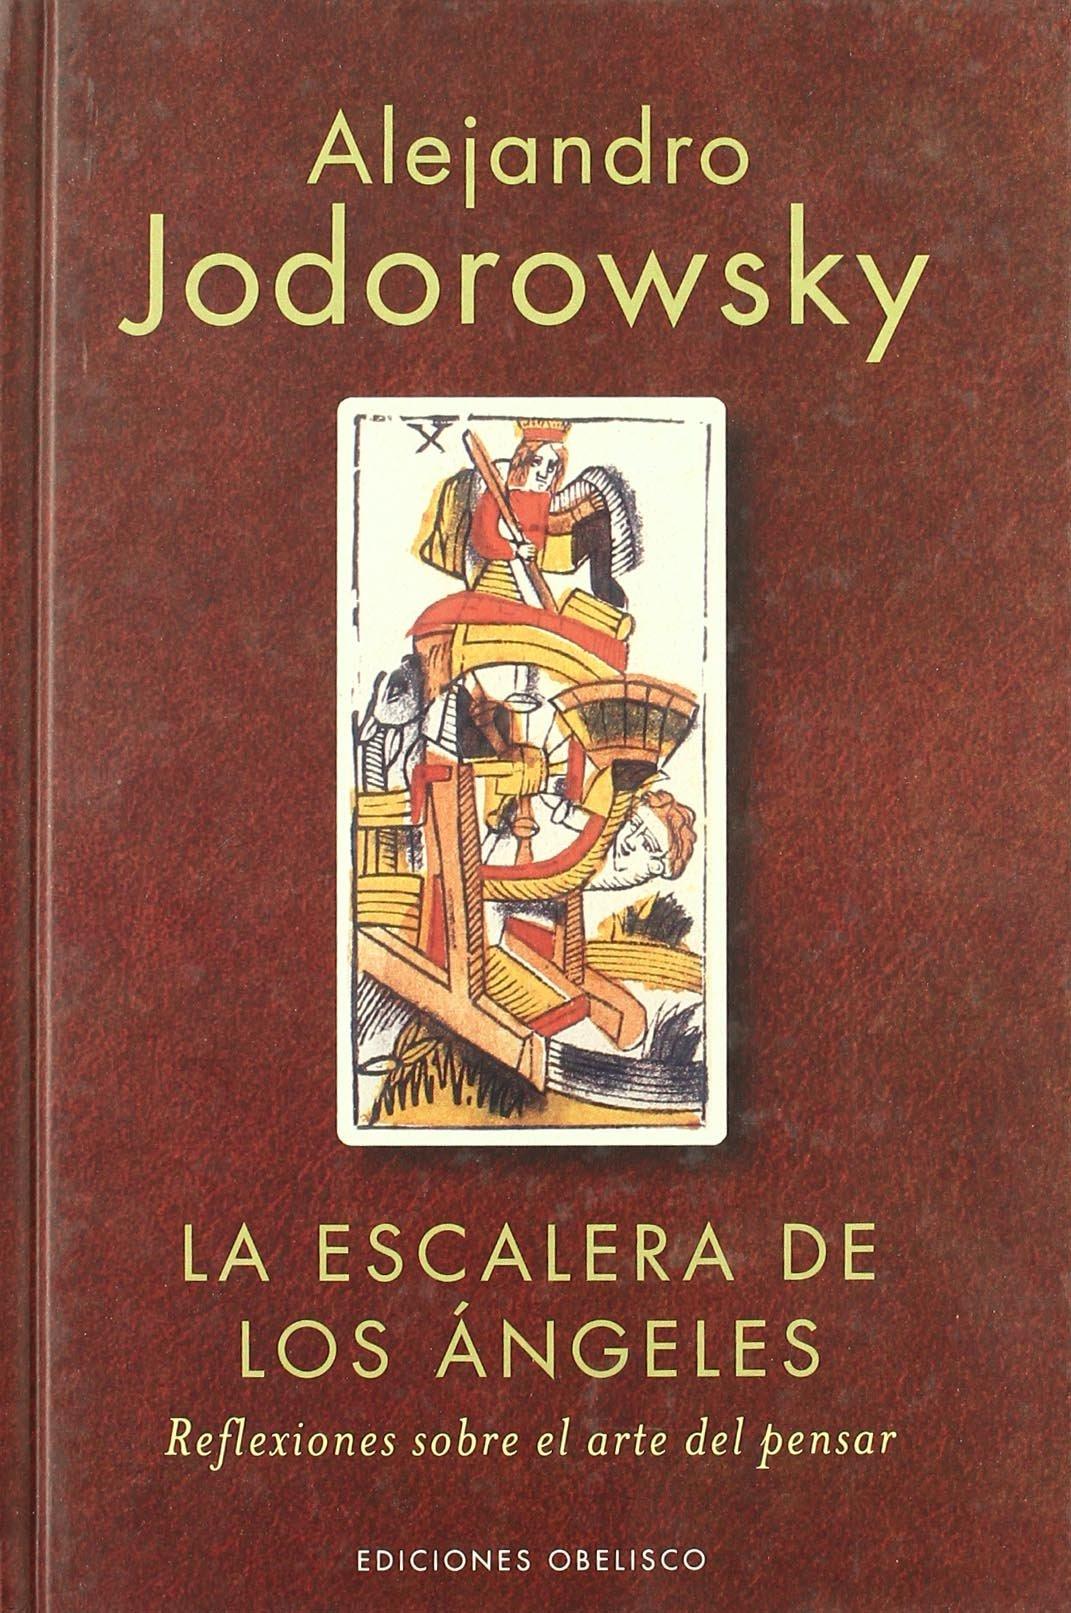 La escalera de los ángeles: Reflexiones sobre el arte de pensar NARRATIVA: Amazon.es: ALEJANDRO JODOROWSKY: Libros